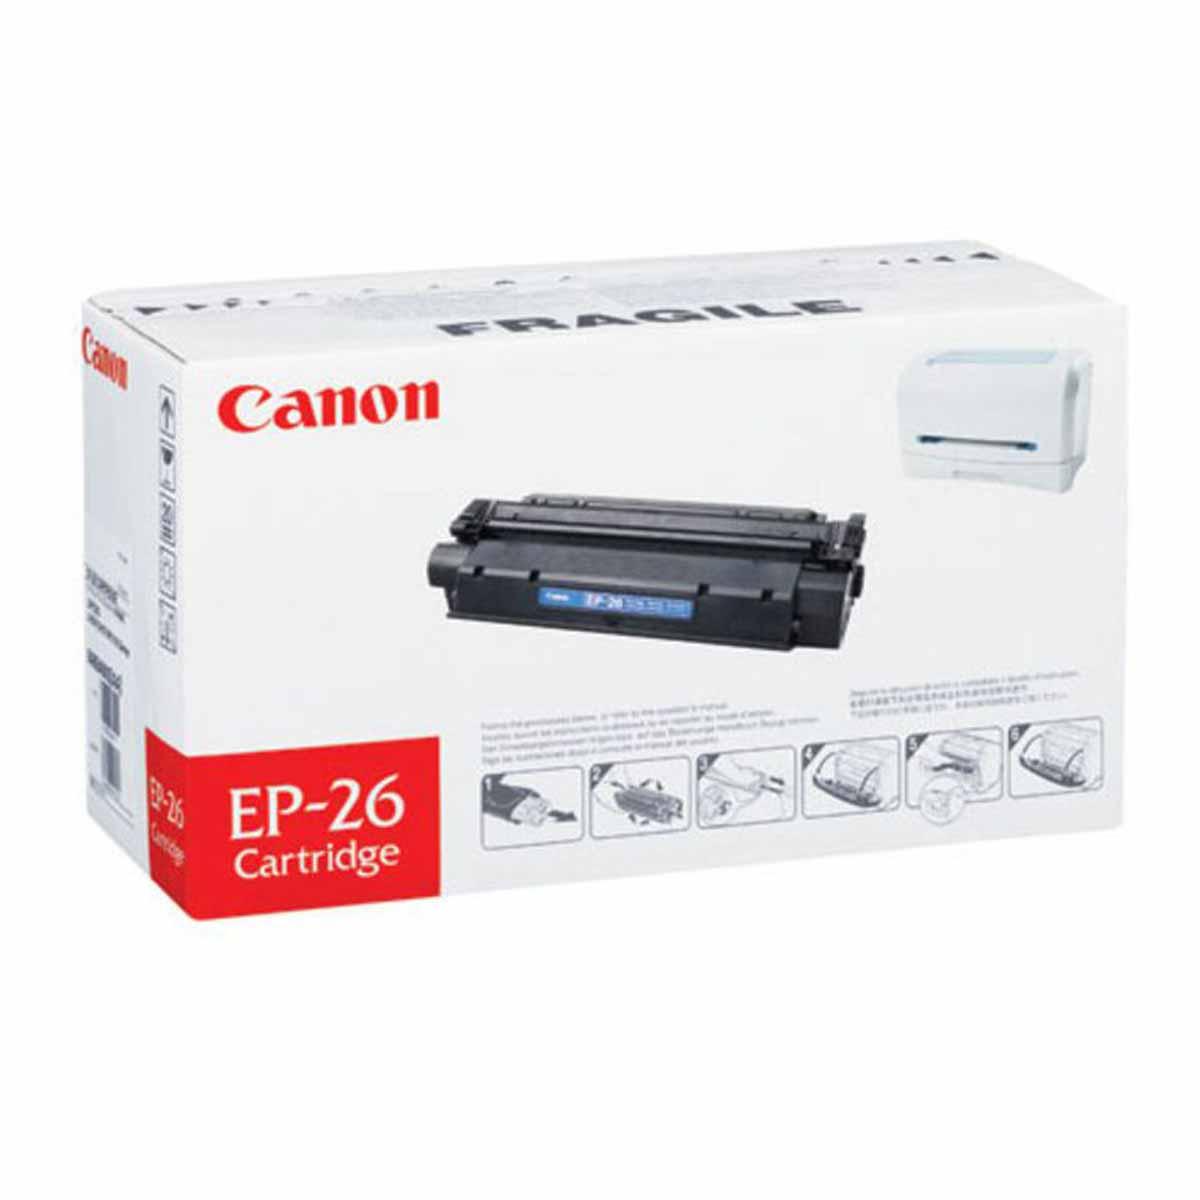 Заправка картриджа Cartridge EP-26 для Canon LBP-3200